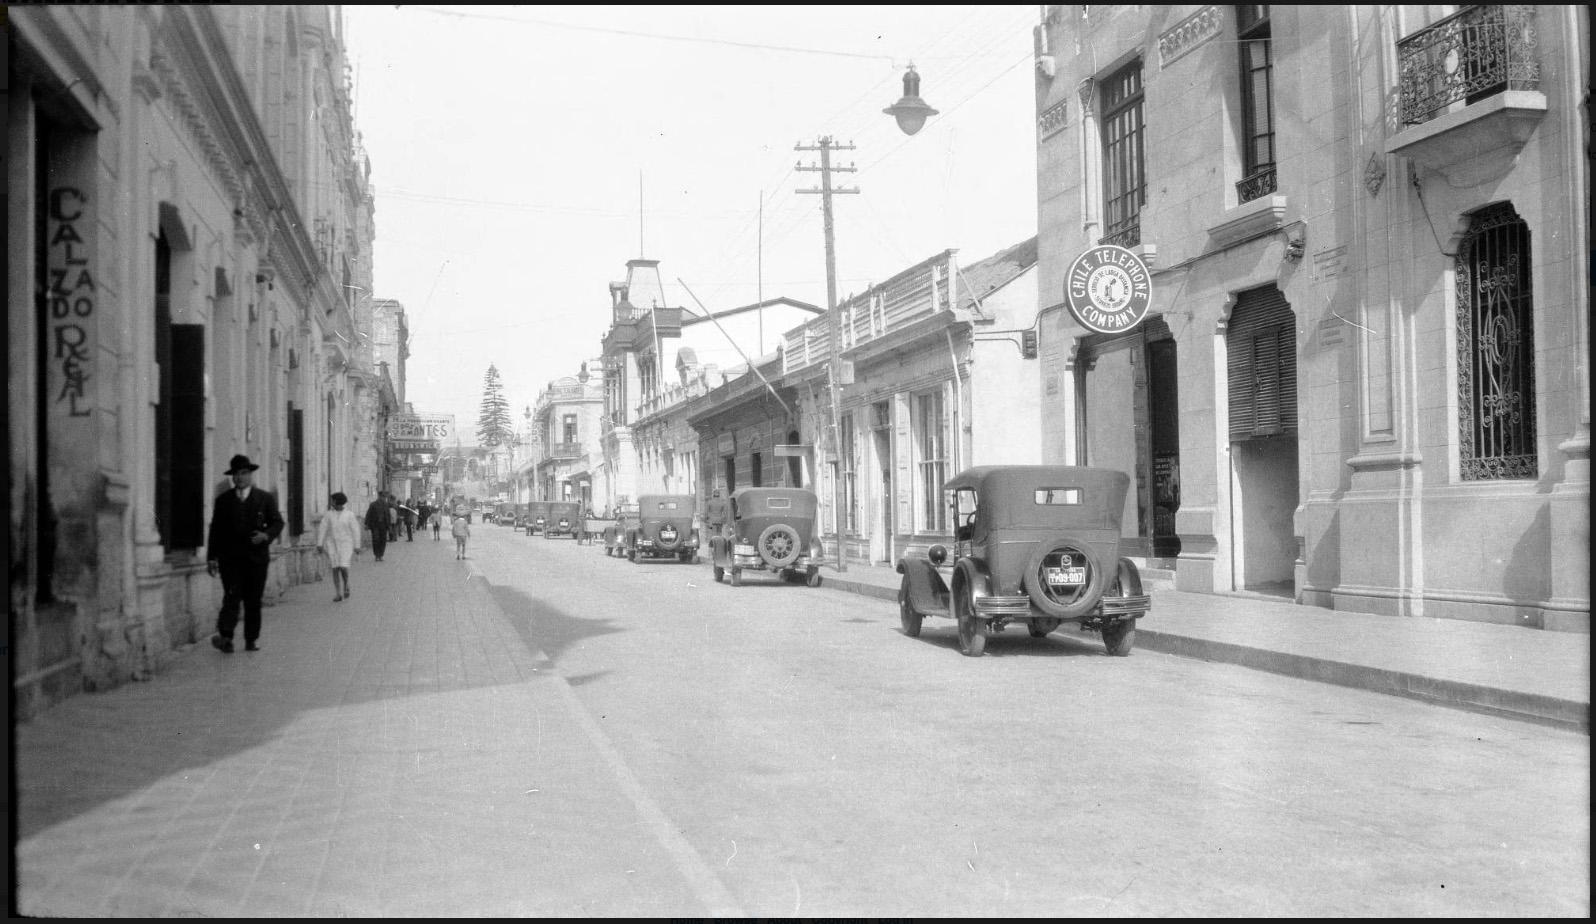 Enterreno - Fotos históricas de chile - fotos antiguas de Chile - La Serena en 1930